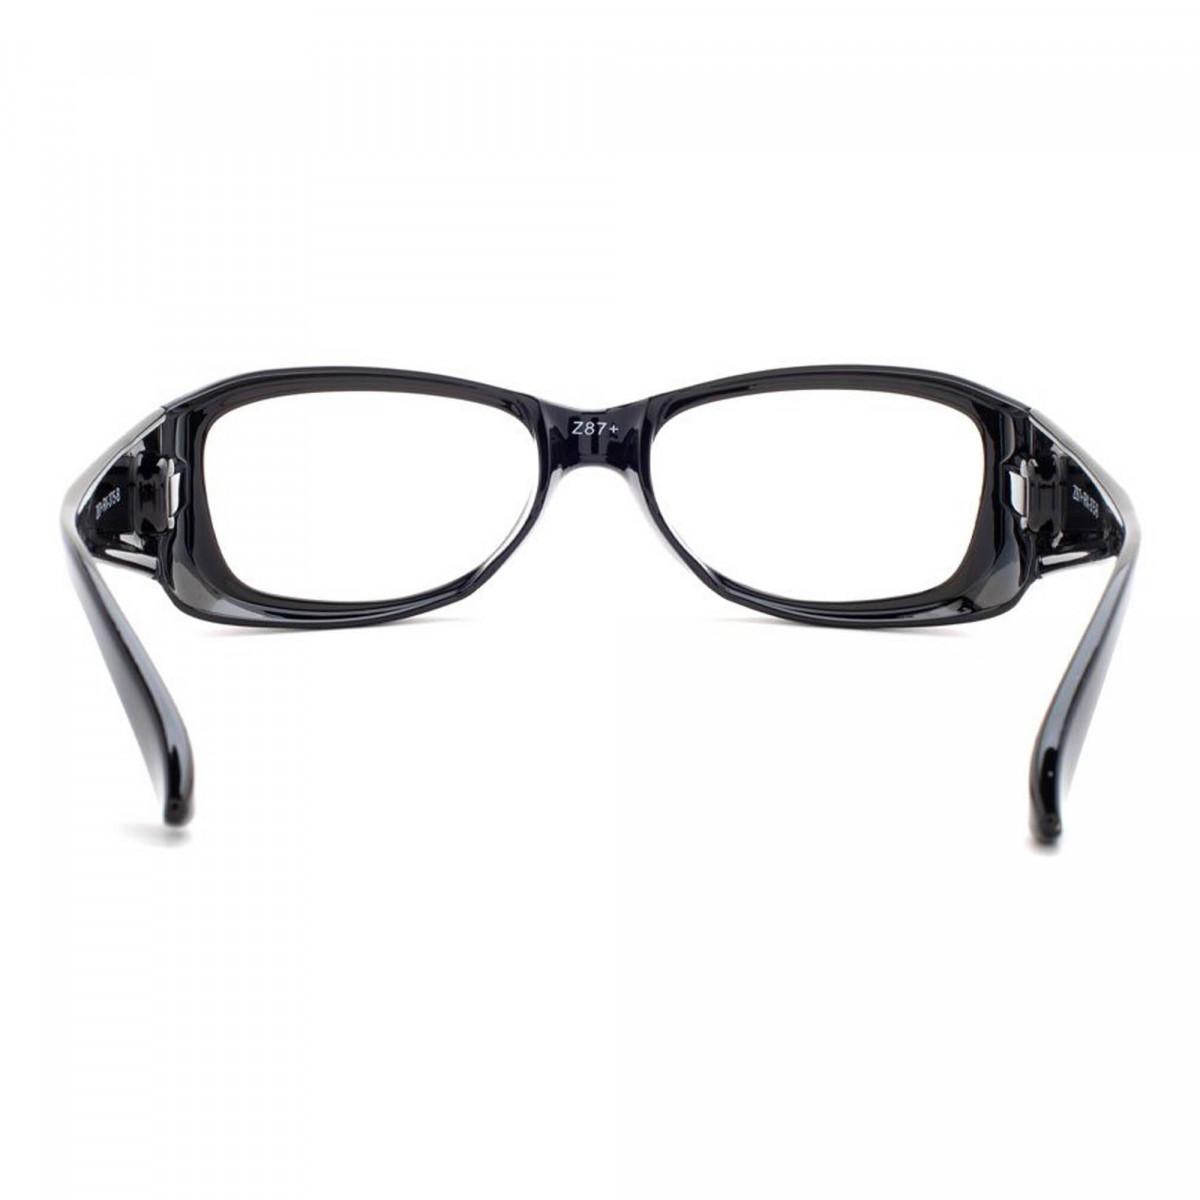 عکس مدل عینک طبی دخترانه و مردانه بچه گانه گرد زنانه شش ضلعی جدید شیک مدل عینک طبی مدل عینک عکس مدل عینک طبی مردانه عکس مدل عینک طبی گرد عکس مدل عینک طبی شش ضلعی عکس مدل عینک طبی زنانه عکس مدل عینک طبی دخترانه شیک و جدید عکس مدل عینک طبی دخترانه عکس مدل عینک طبی بچه گانه